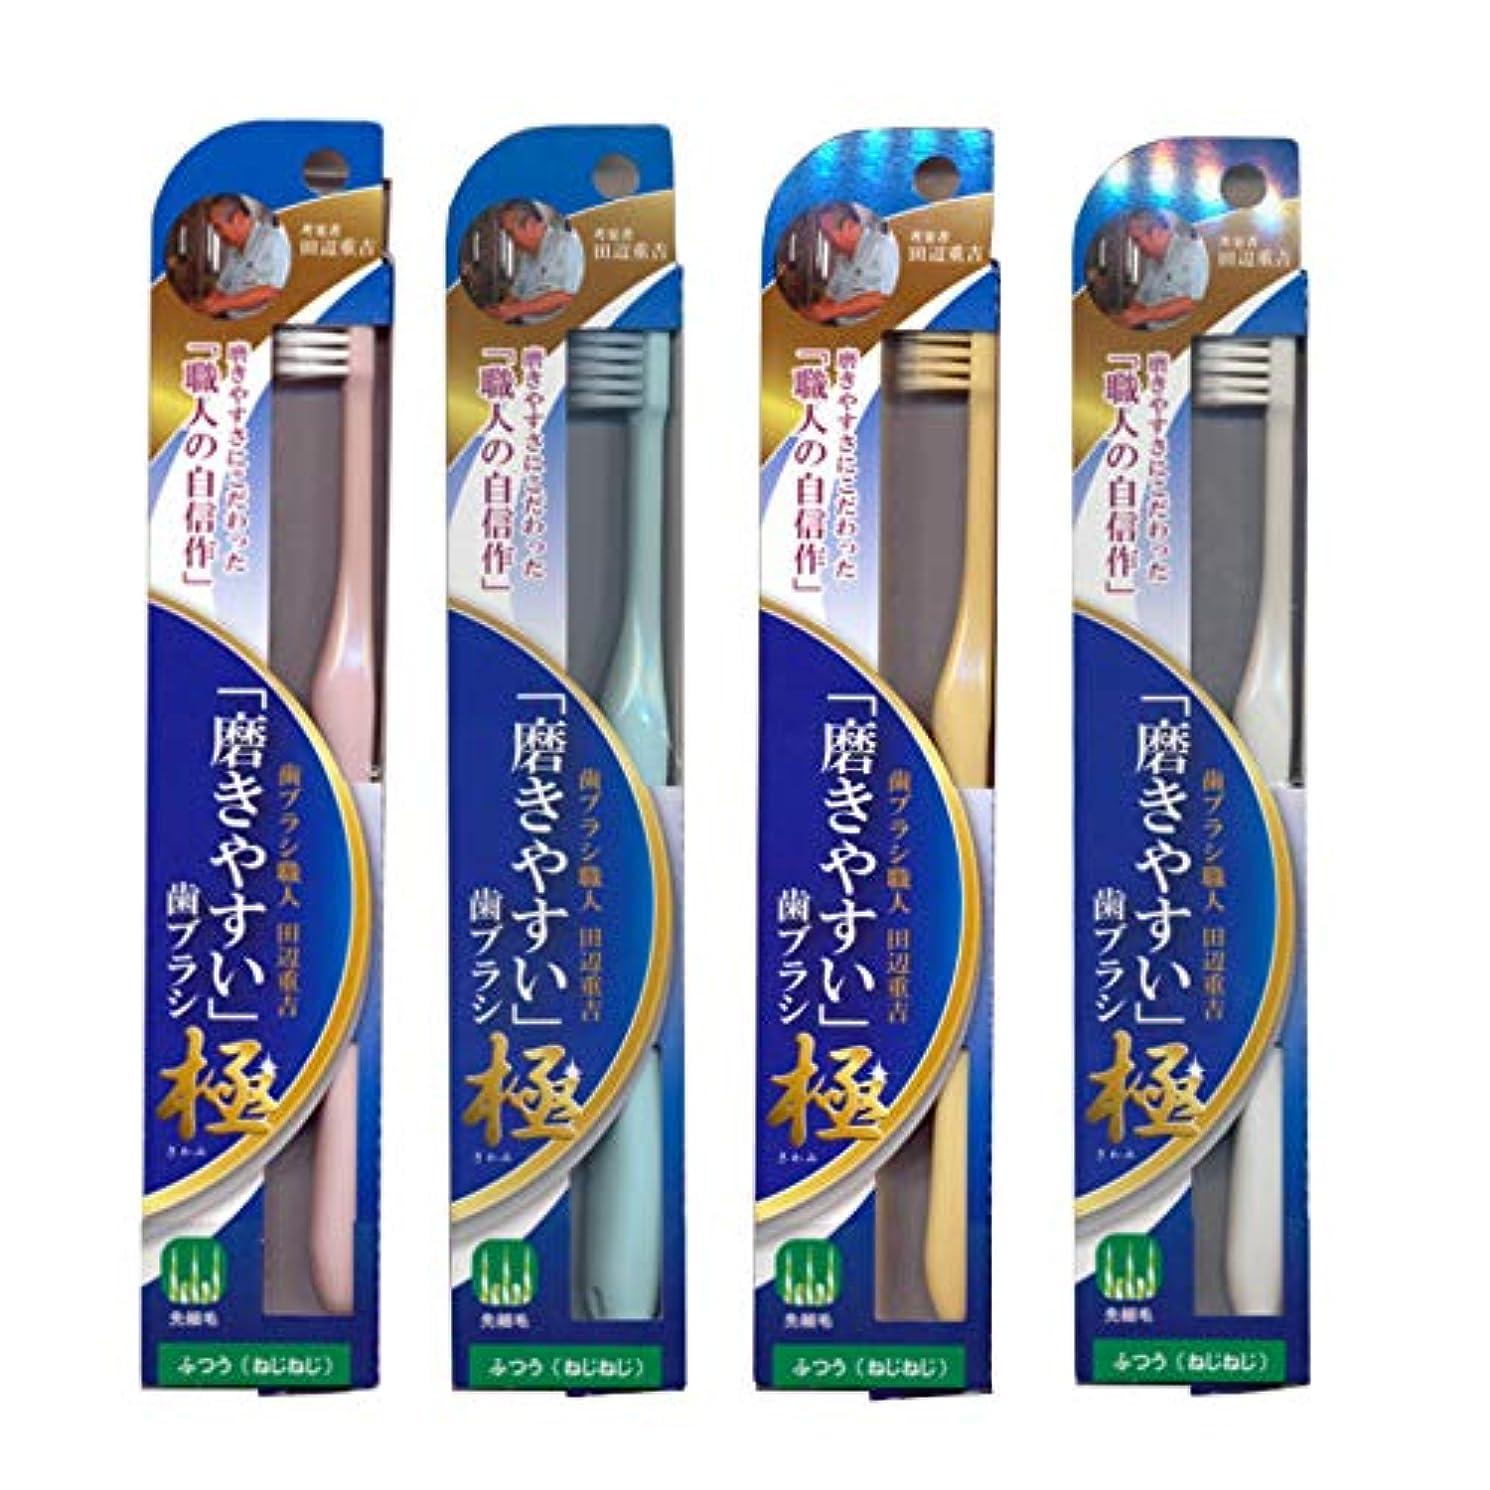 ドリルパーチナシティ部磨きやすい歯ブラシ極 (ふつう ねじねじ) LT-45×4本セット(ピンク×1、ブルー×1、ホワイト×1、イエロー×1) 先細毛